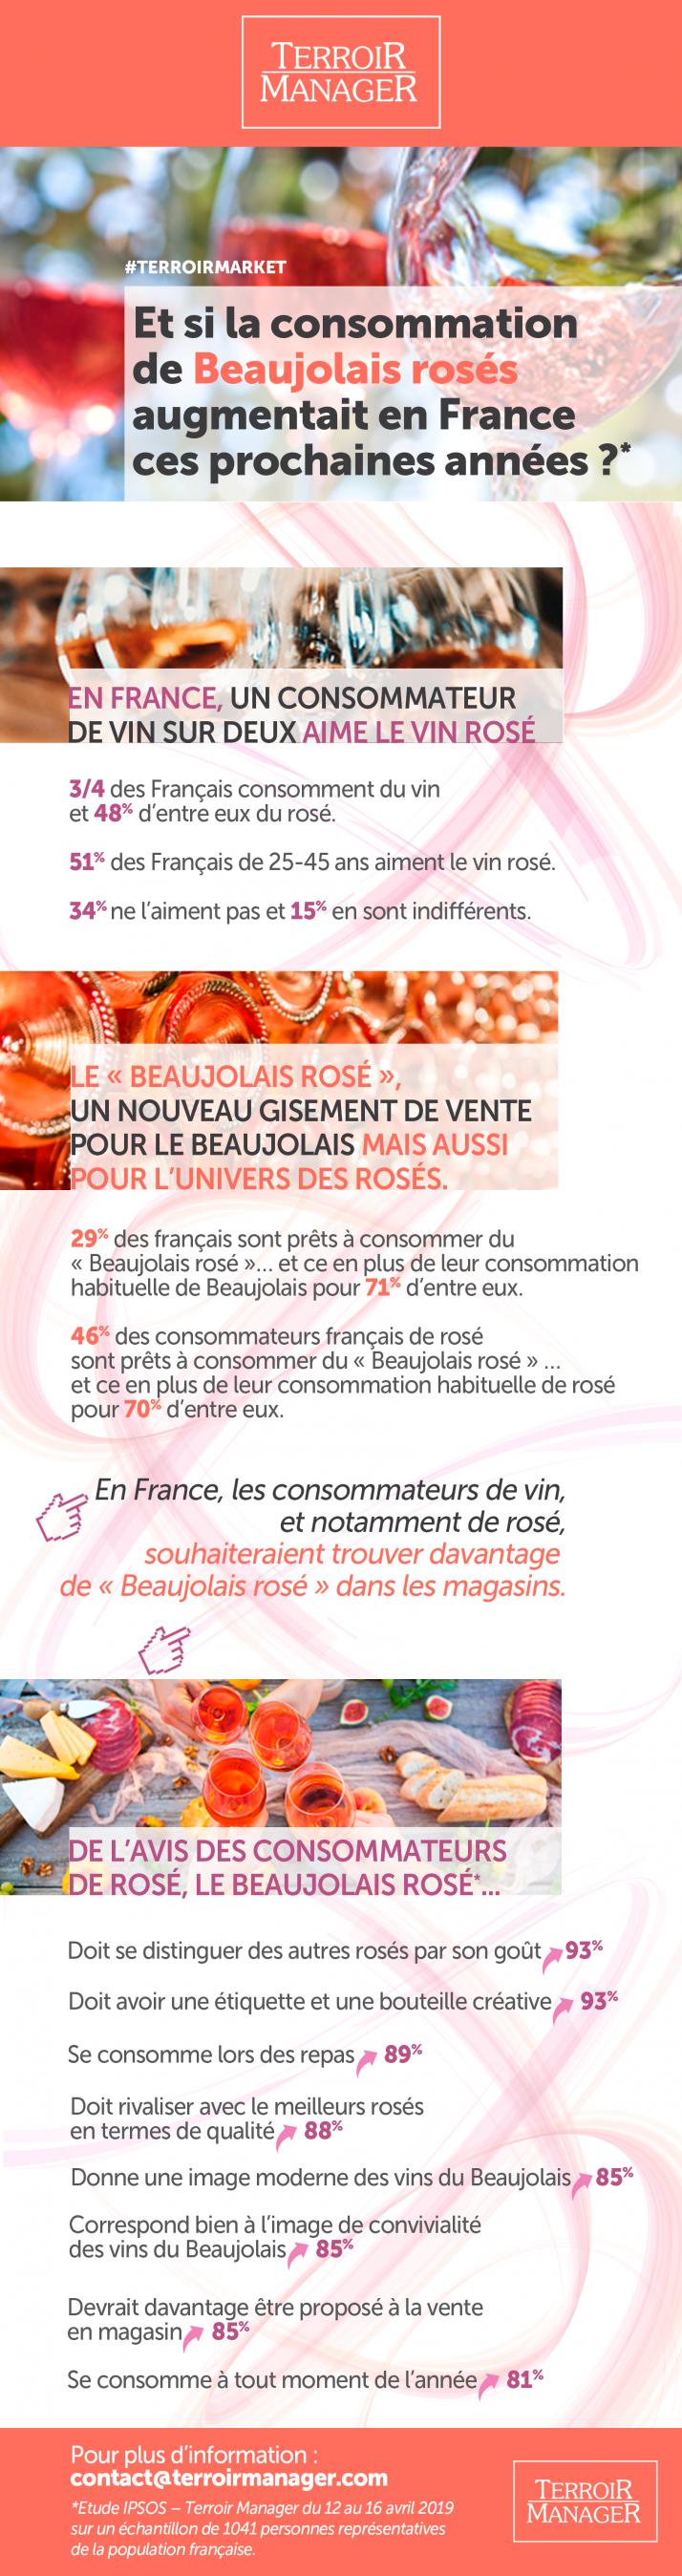 Etude IPSOS & Terroir Manager sur le potentiel du Beaujolais rosé en France